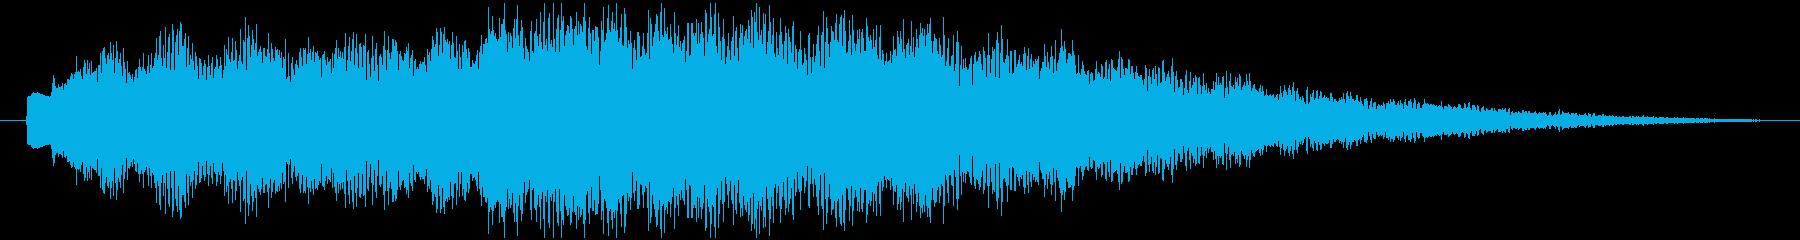 教育・学習・学問的な番組の冒頭ロゴの再生済みの波形